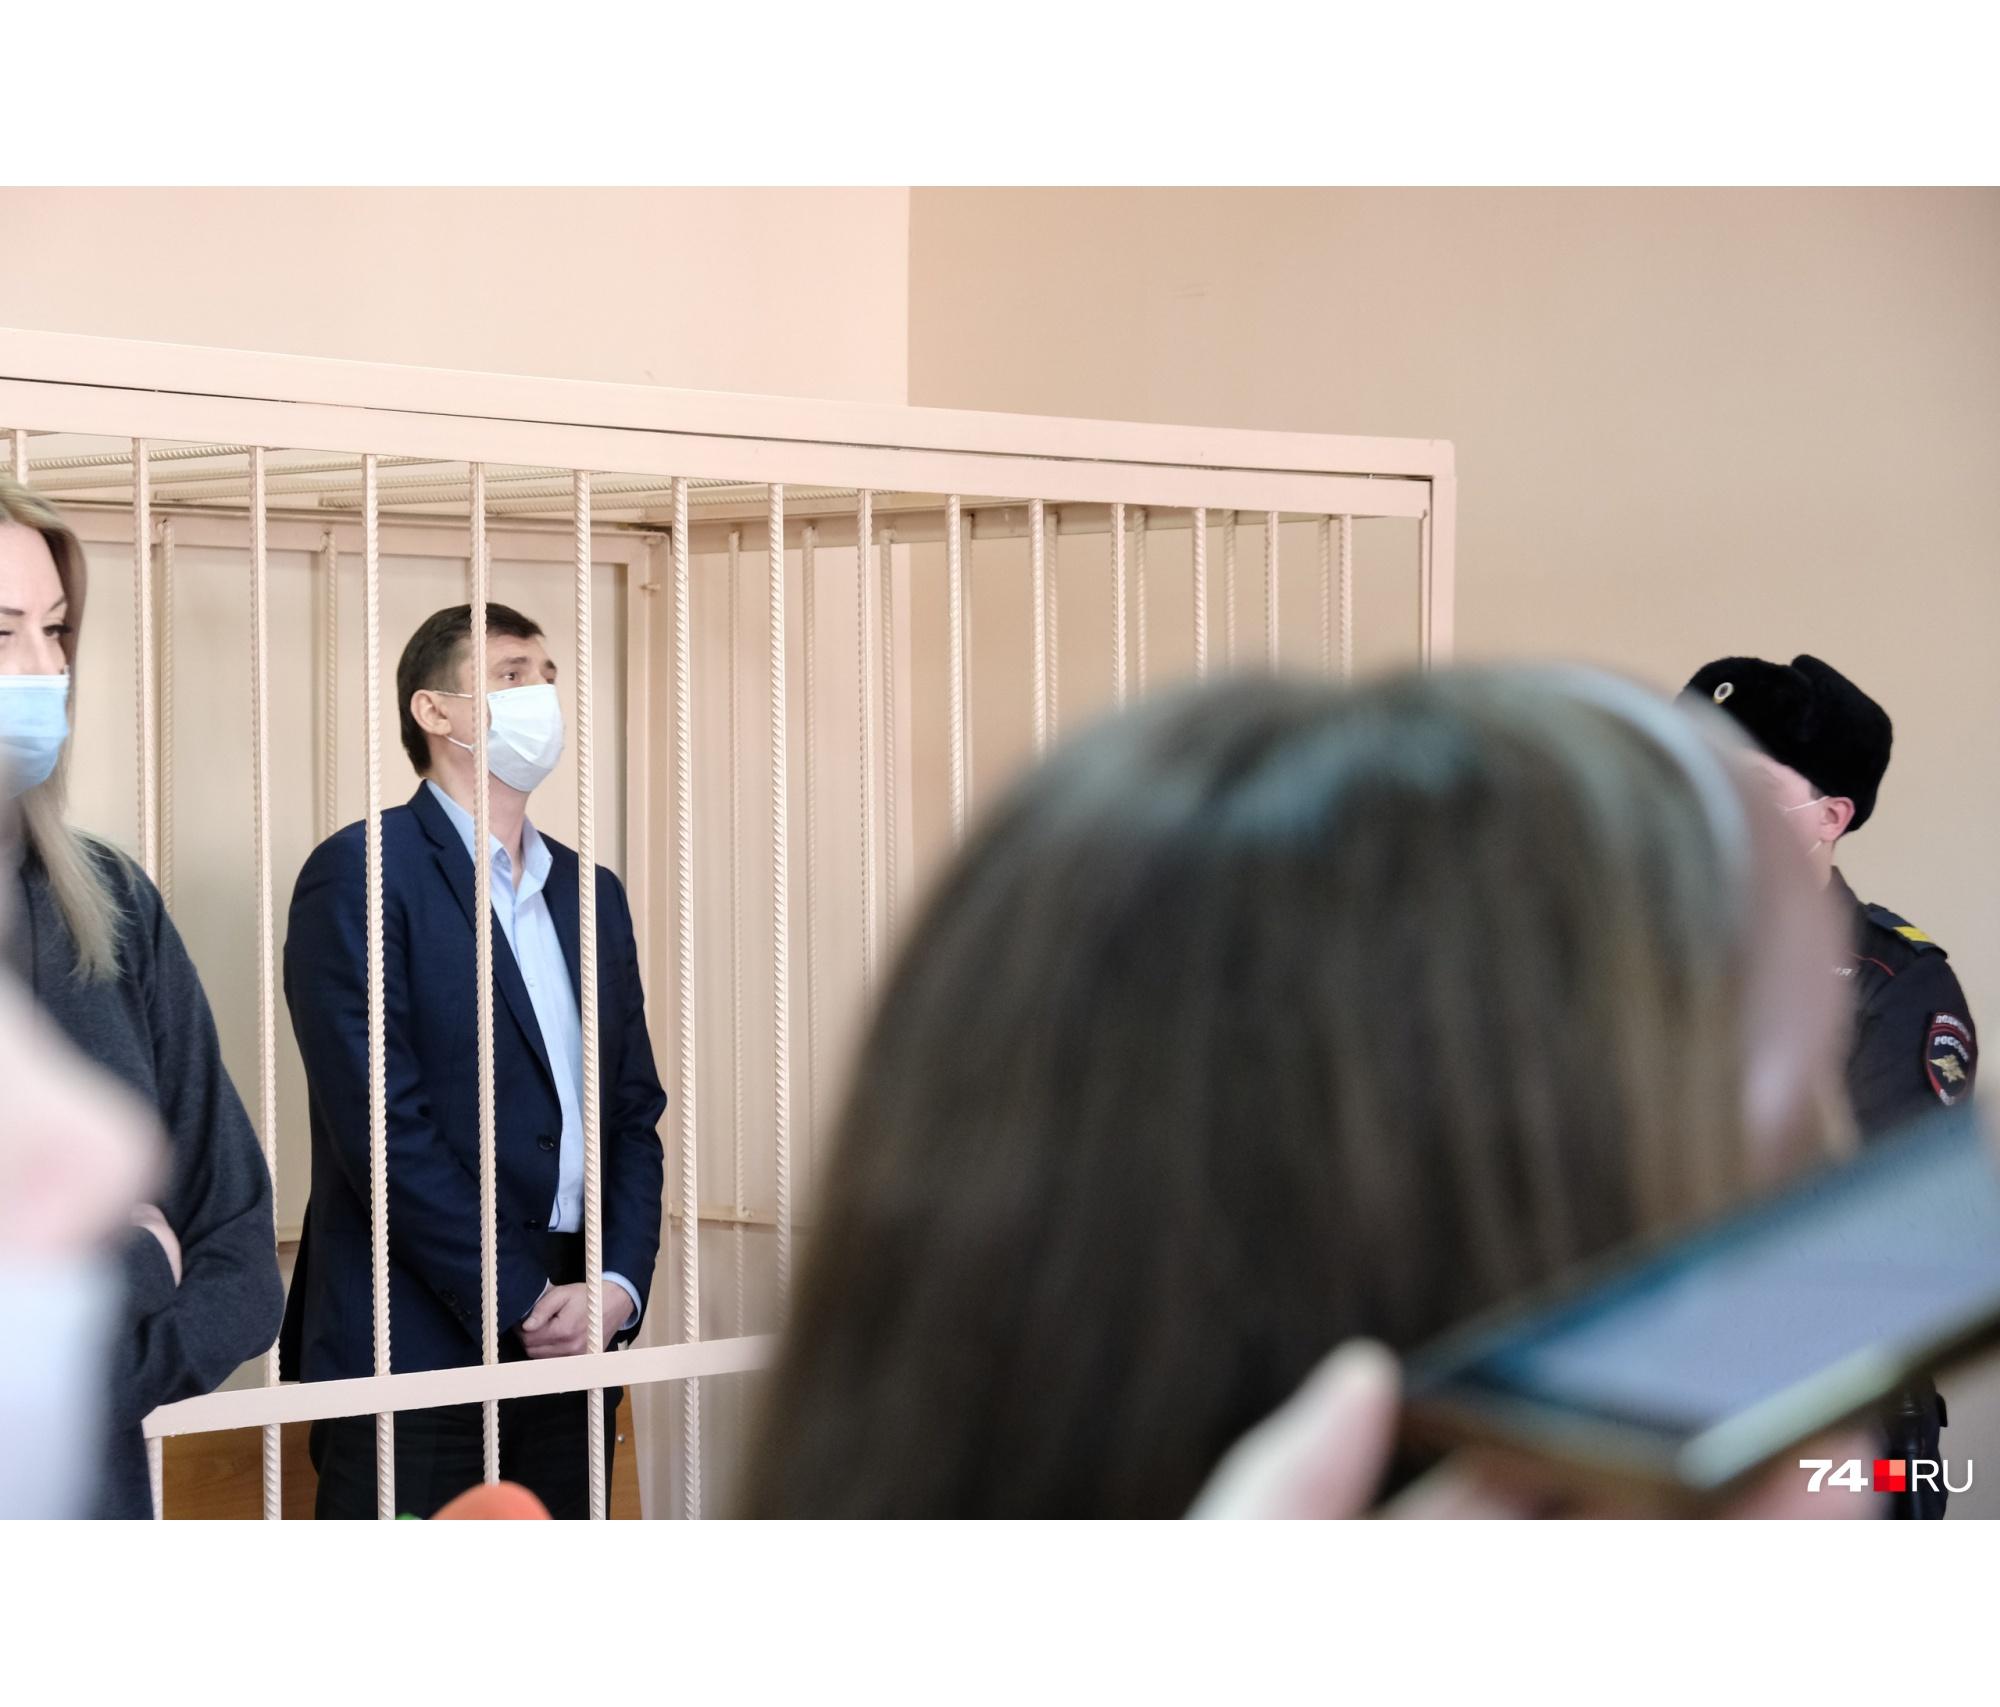 Приятель Олега Извекова уже дал показания, теперь очередь за чиновником